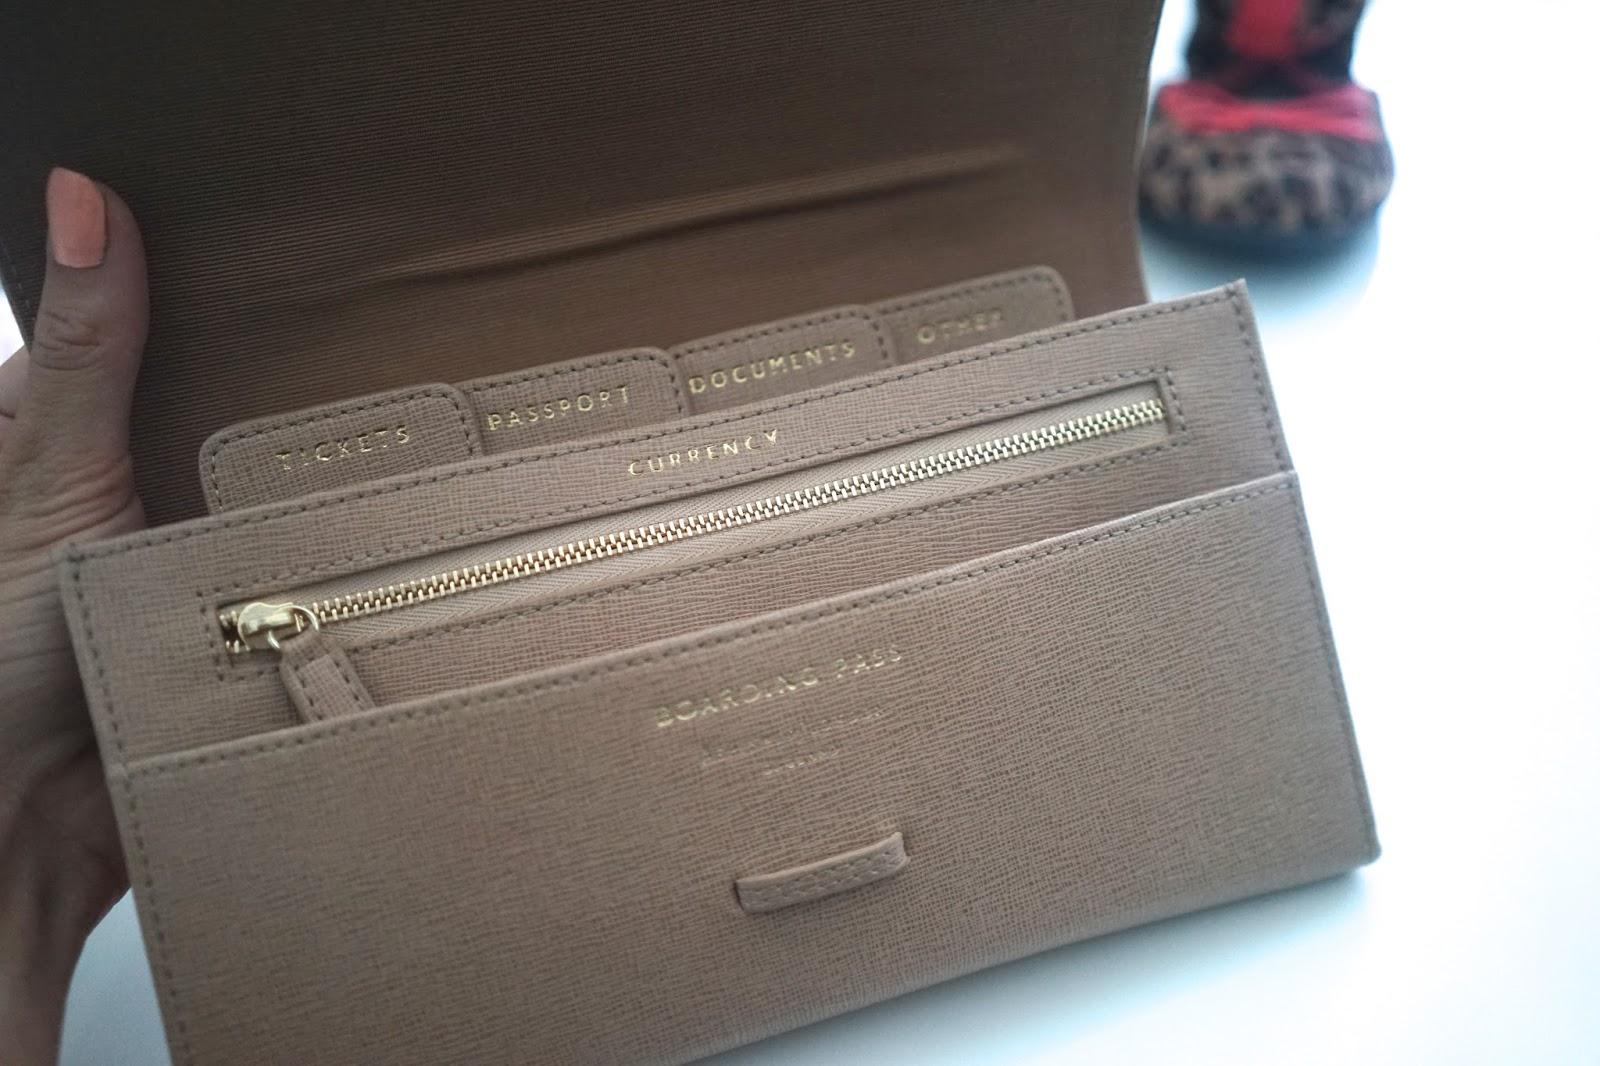 Aspinal travel wallet